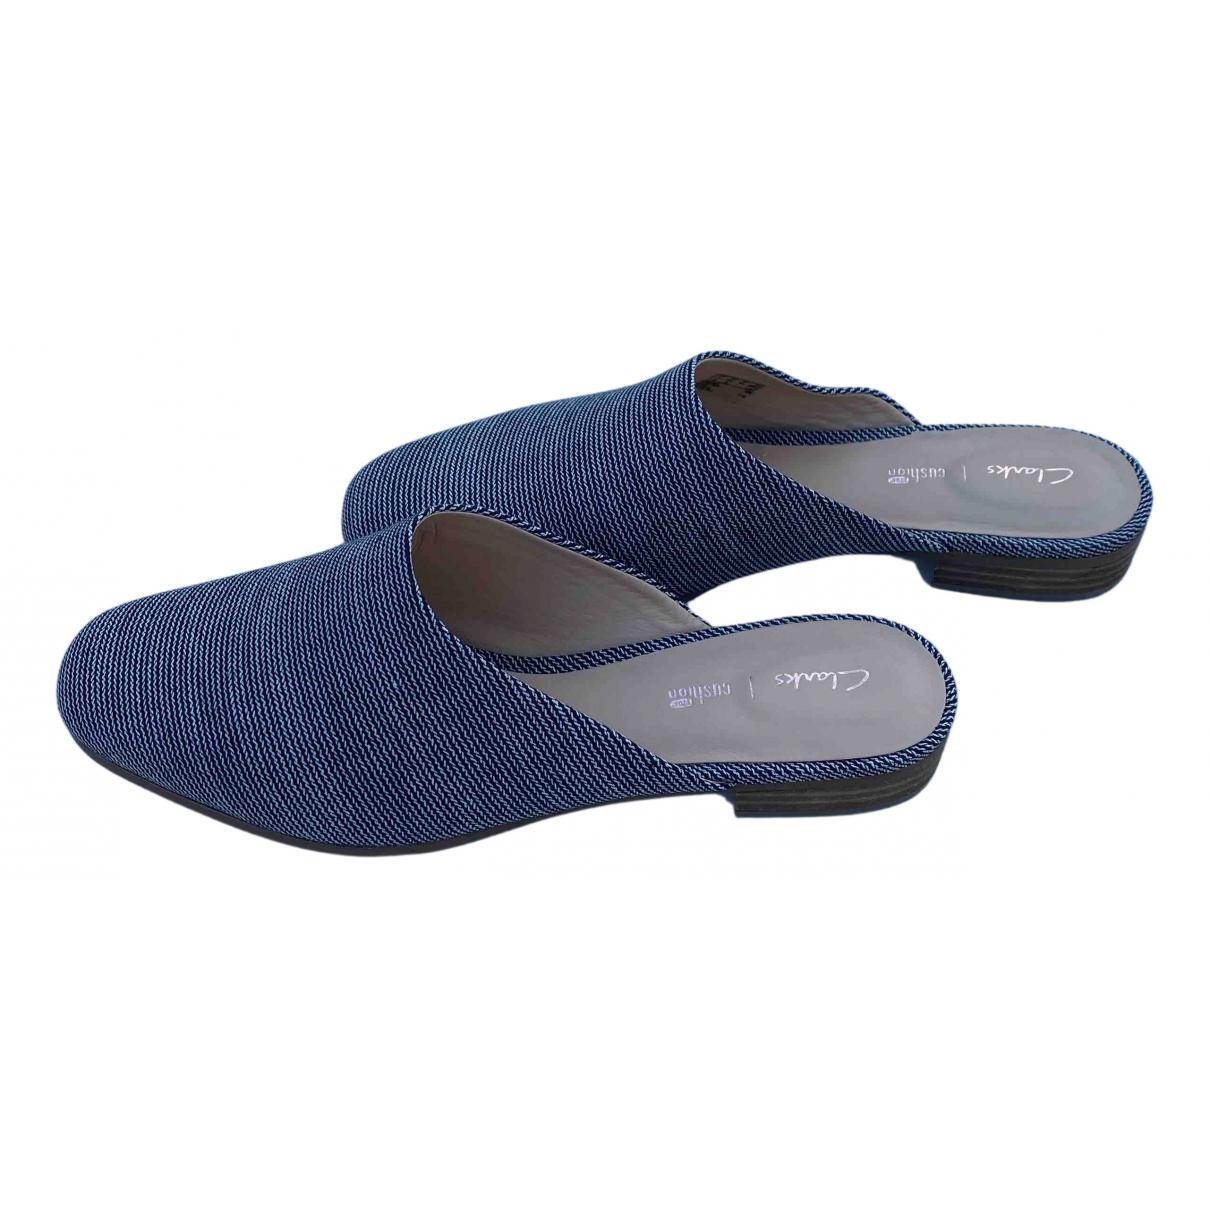 Clarks - Sandales   pour femme en toile - bleu